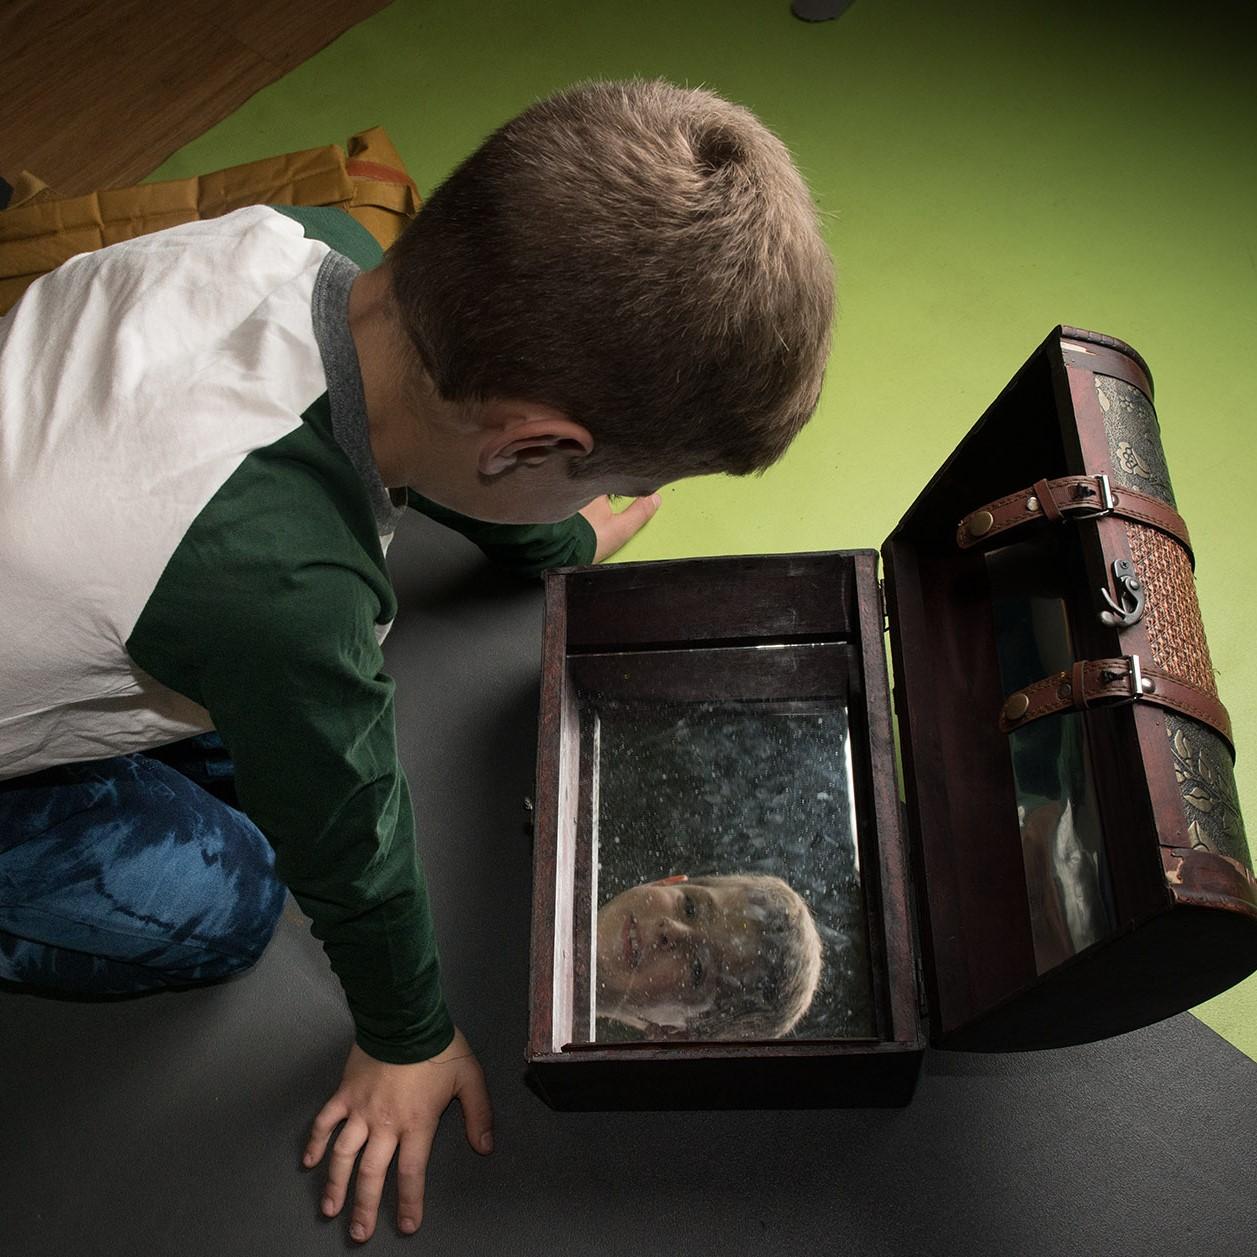 ילד מביט בתיבת האוצר בהצגה מסע בארץ האור